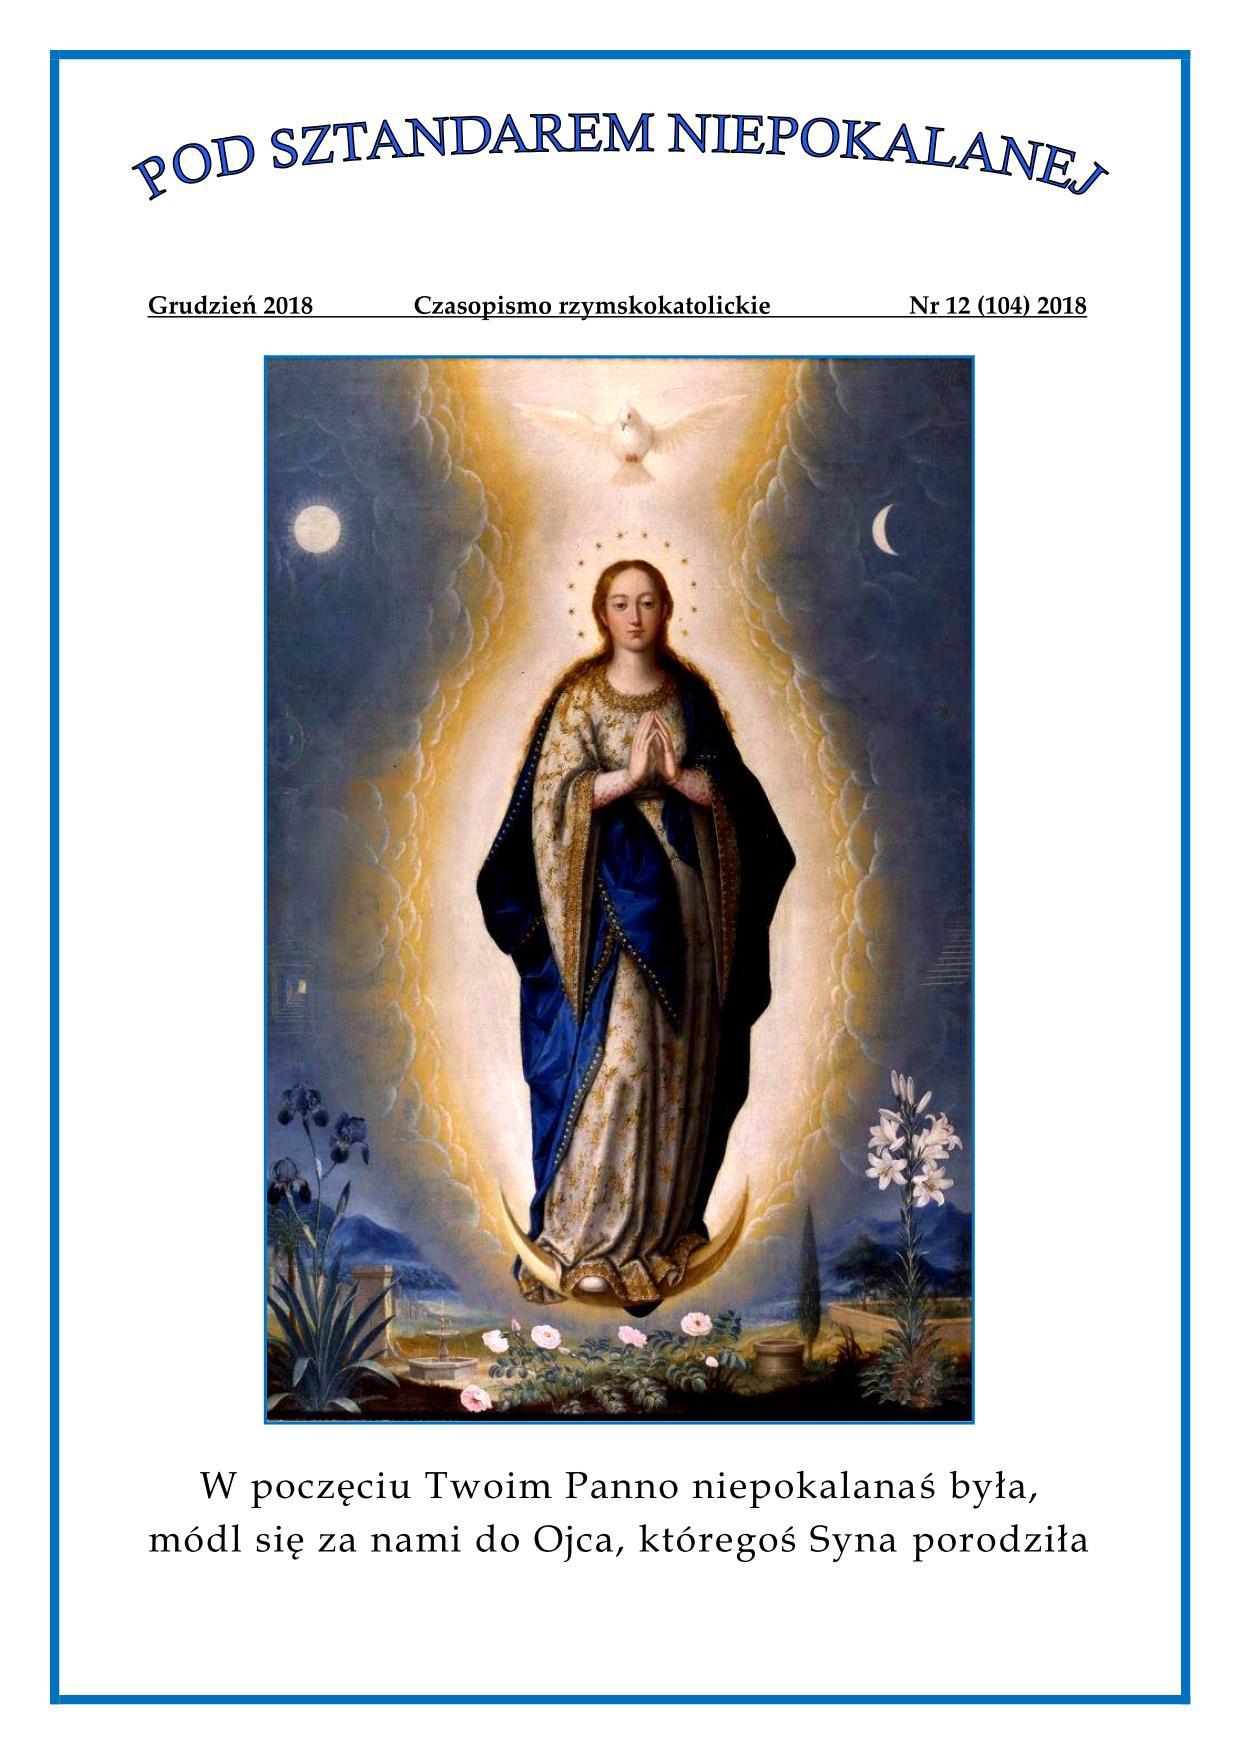 """""""Pod sztandarem Niepokalanej"""". Nr 104. Grudzień 2018. Czasopismo rzymskokatolickie."""